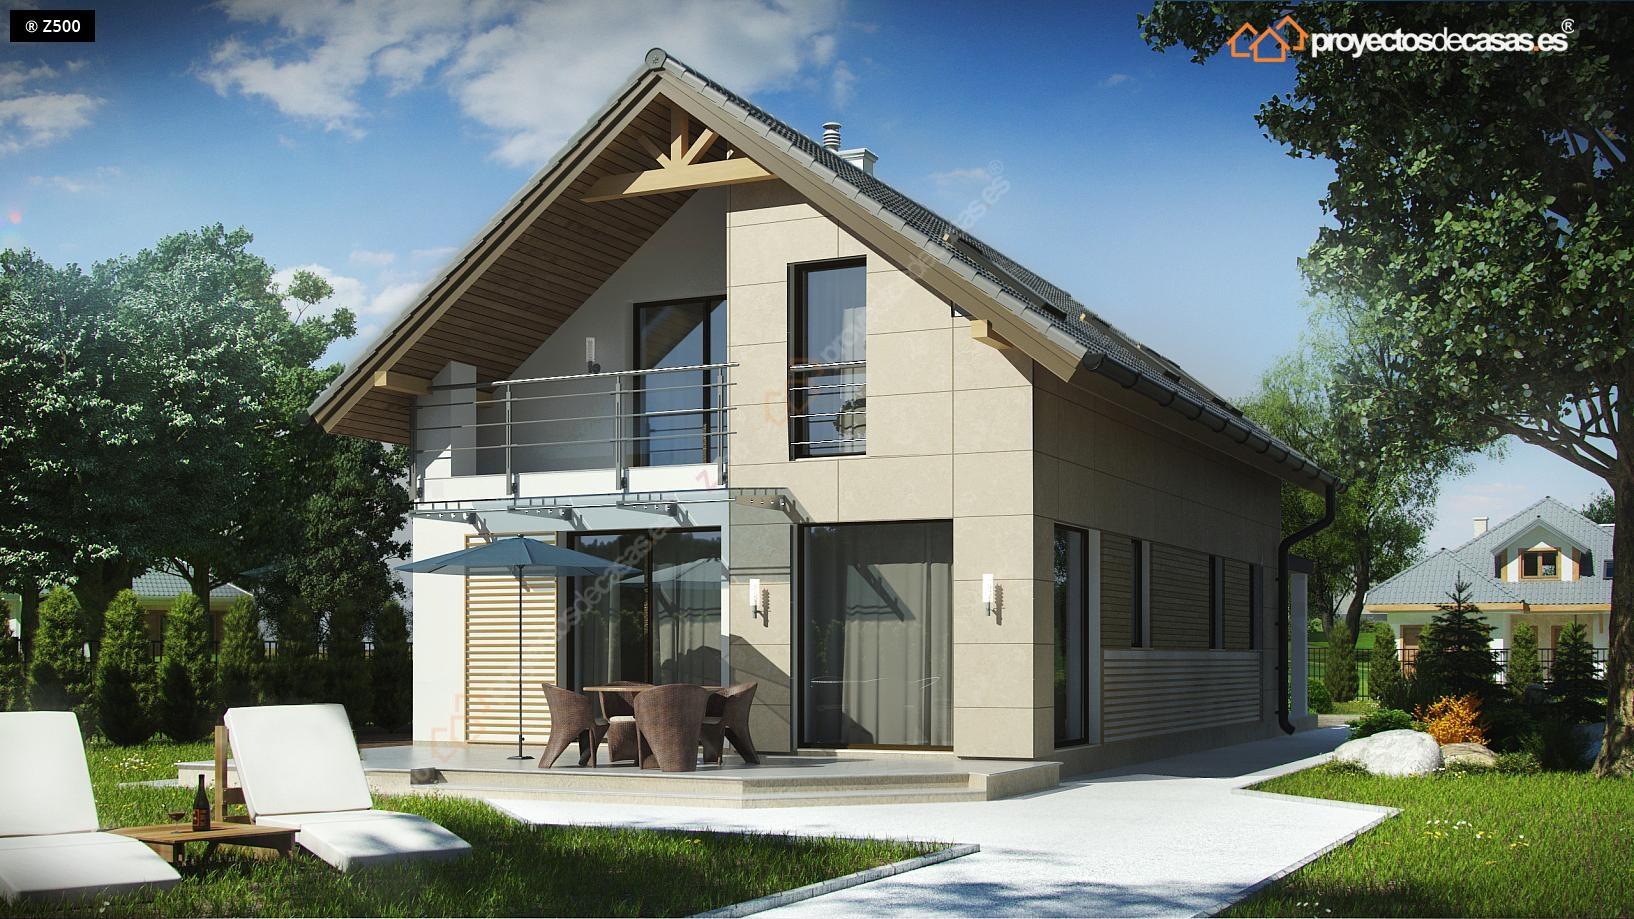 Proyectos de casas casa tradicional proyectosdecasas - Casas americanas espana ...